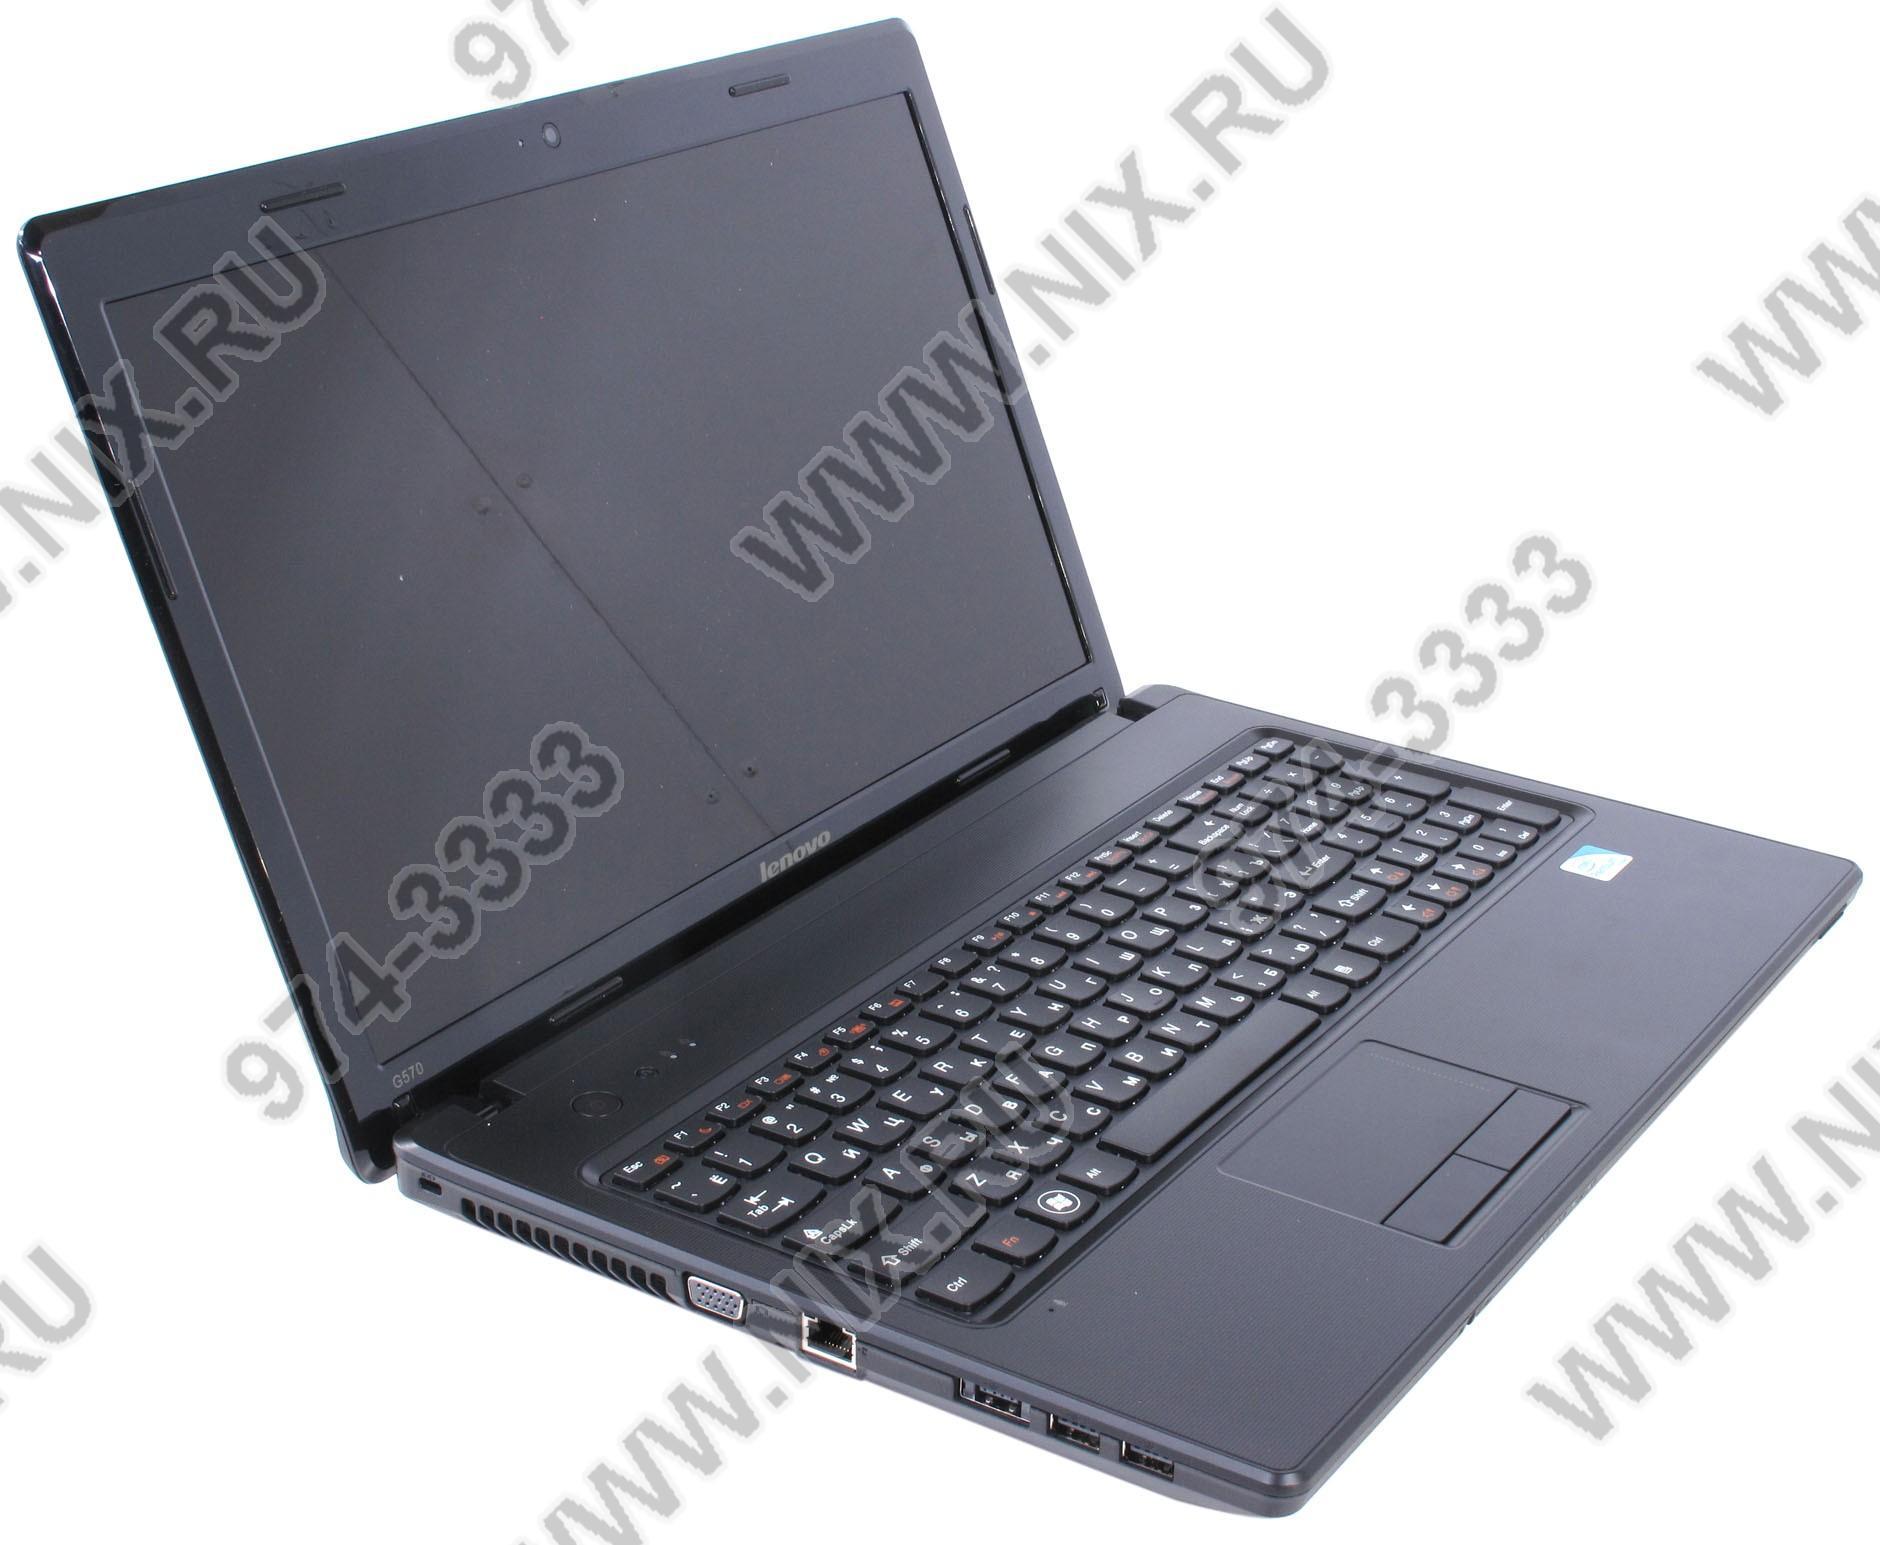 http://nixpro.by/published/publicdata/SUPERNIXSHOP/attachments/SC/products_pictures/131/1310/13104/131040/515943.jpg